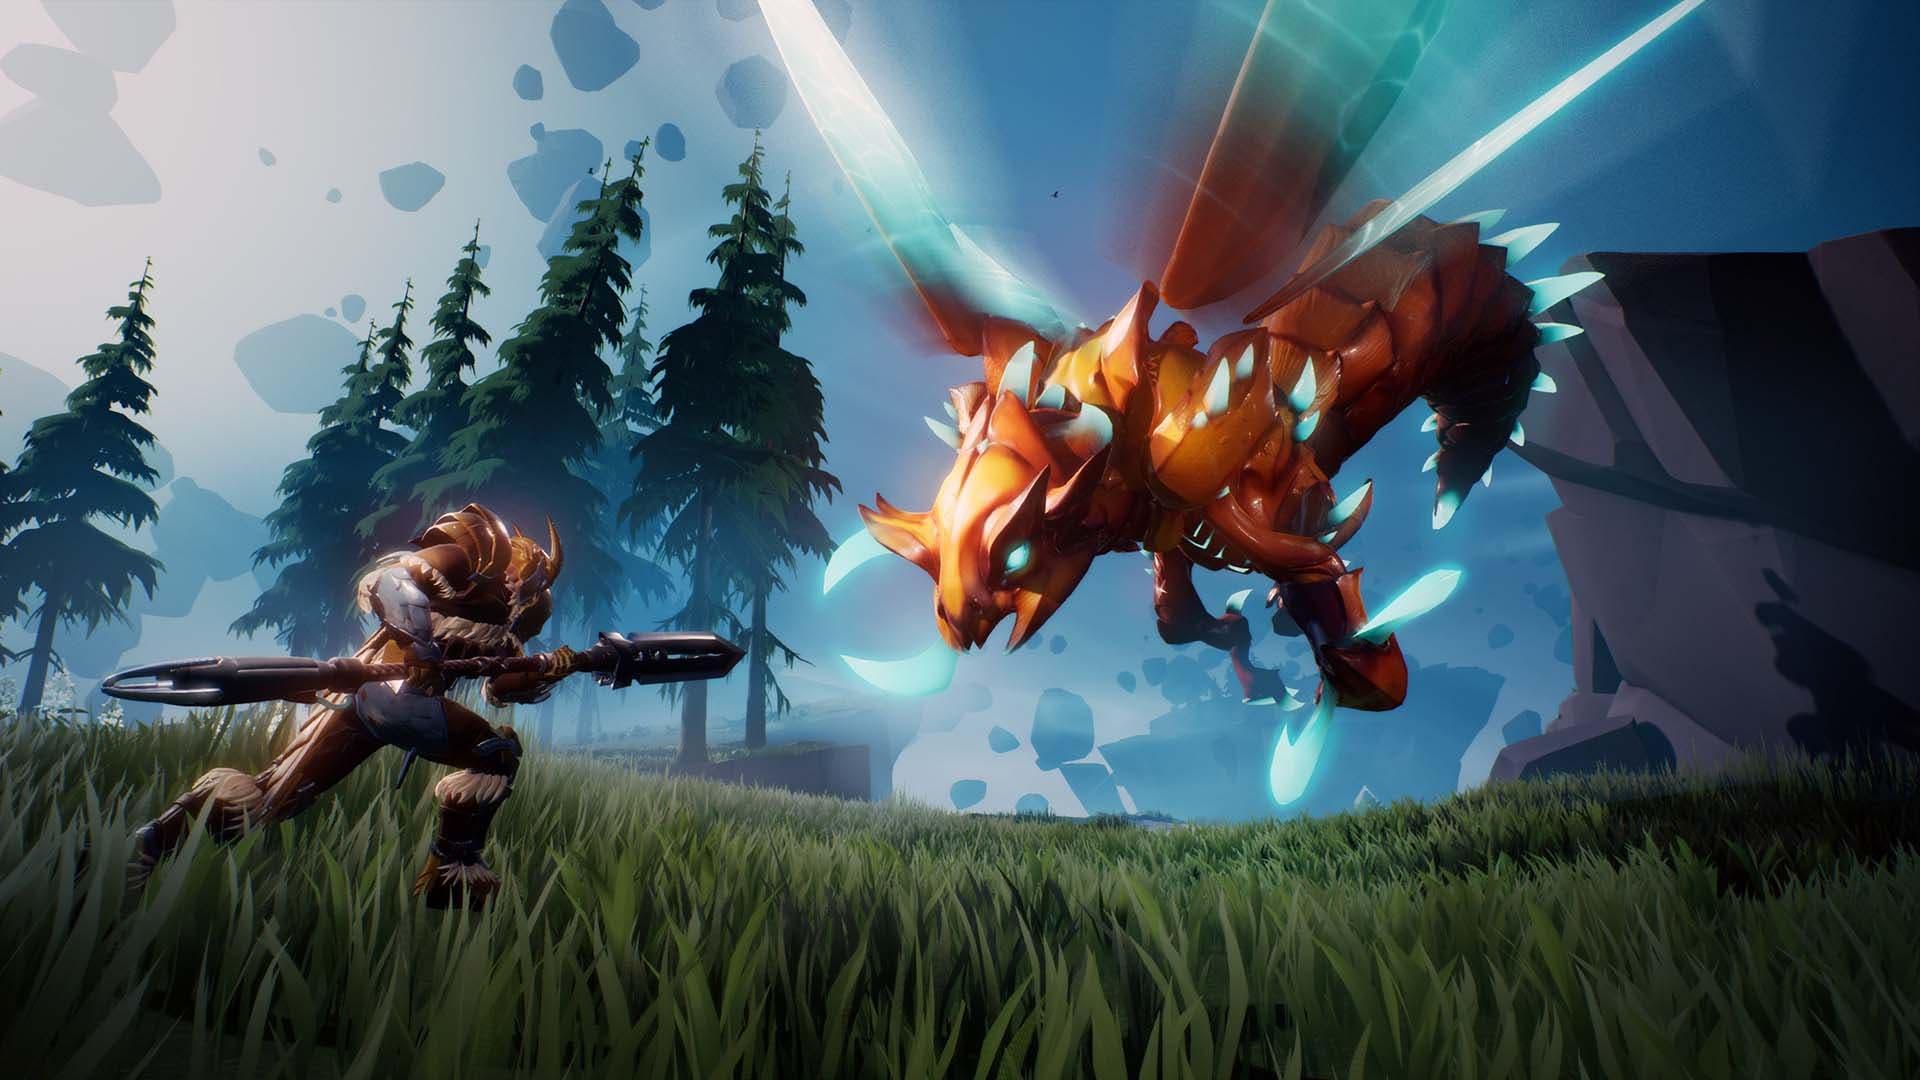 El free-to-play Dauntless añade gran cantidad de contenido en su última actualización, The Scorched Earth 3